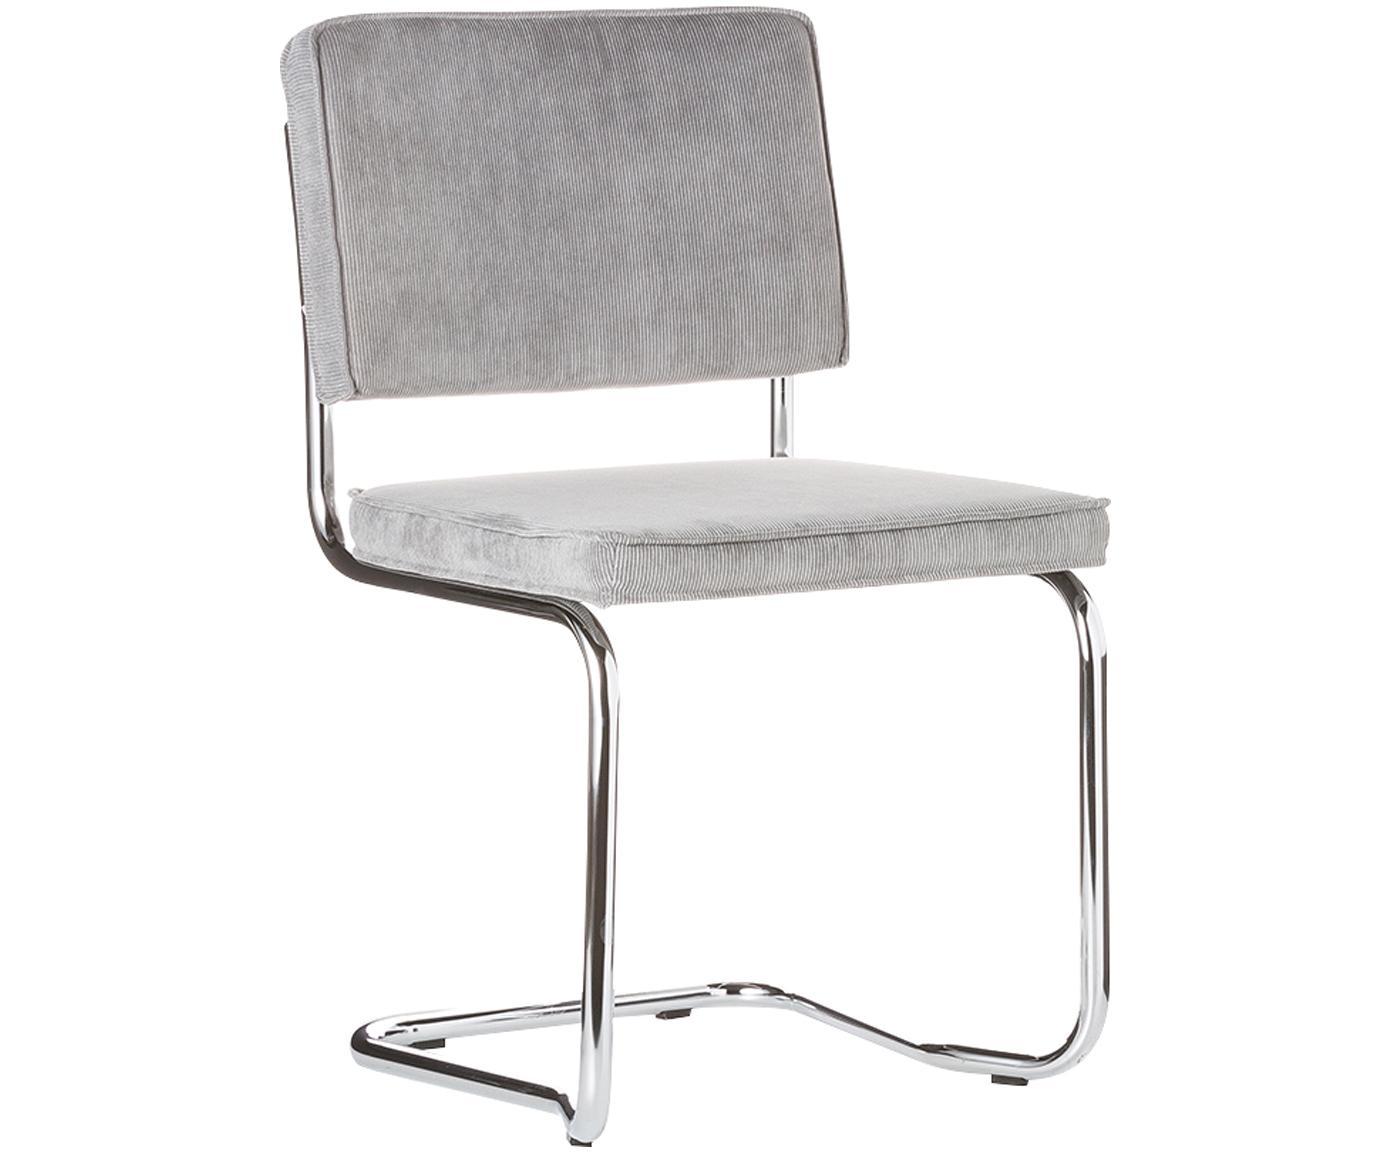 Cantilever stoel Ridge Kink Chair, Bekleding: 88% nylon, 12% polyester, Frame: verchroomd metaal, Lichtgrijs, 48 x 85 cm